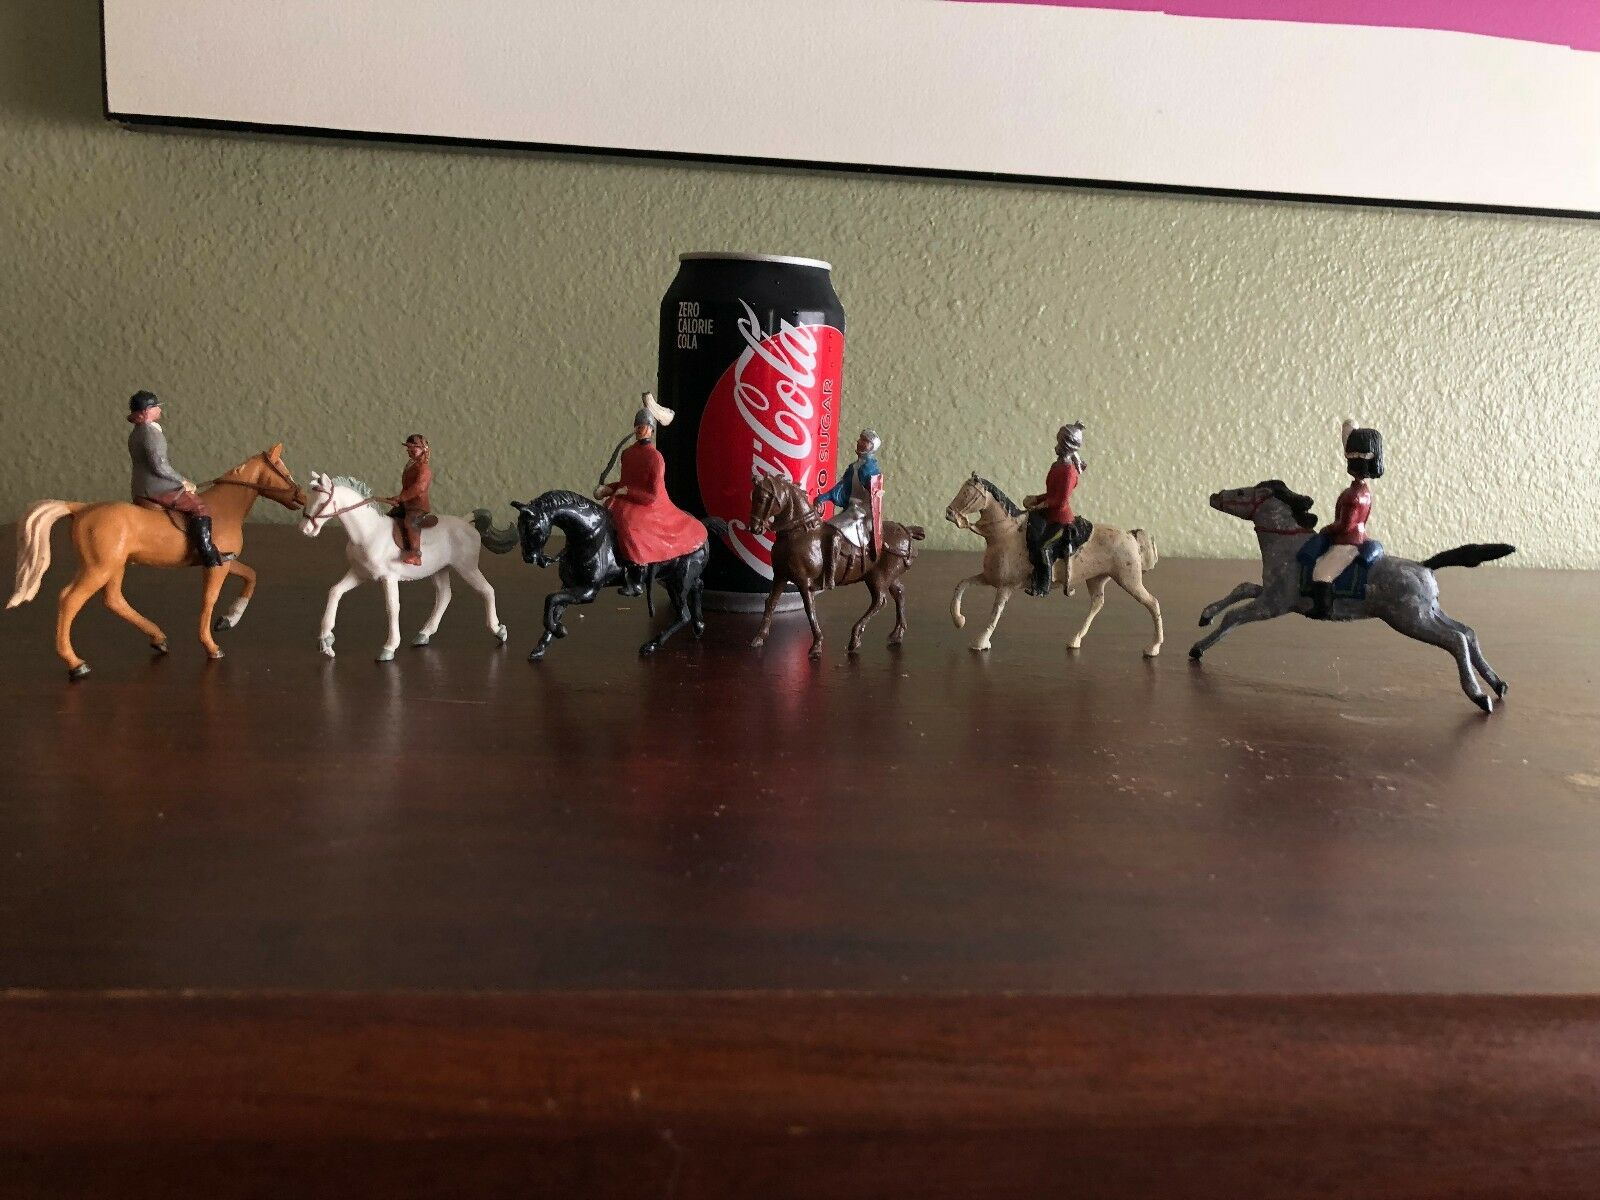 Lot of 6 Vintage Horse Soldier Rider Rider Rider Figurines Figure 17da6b